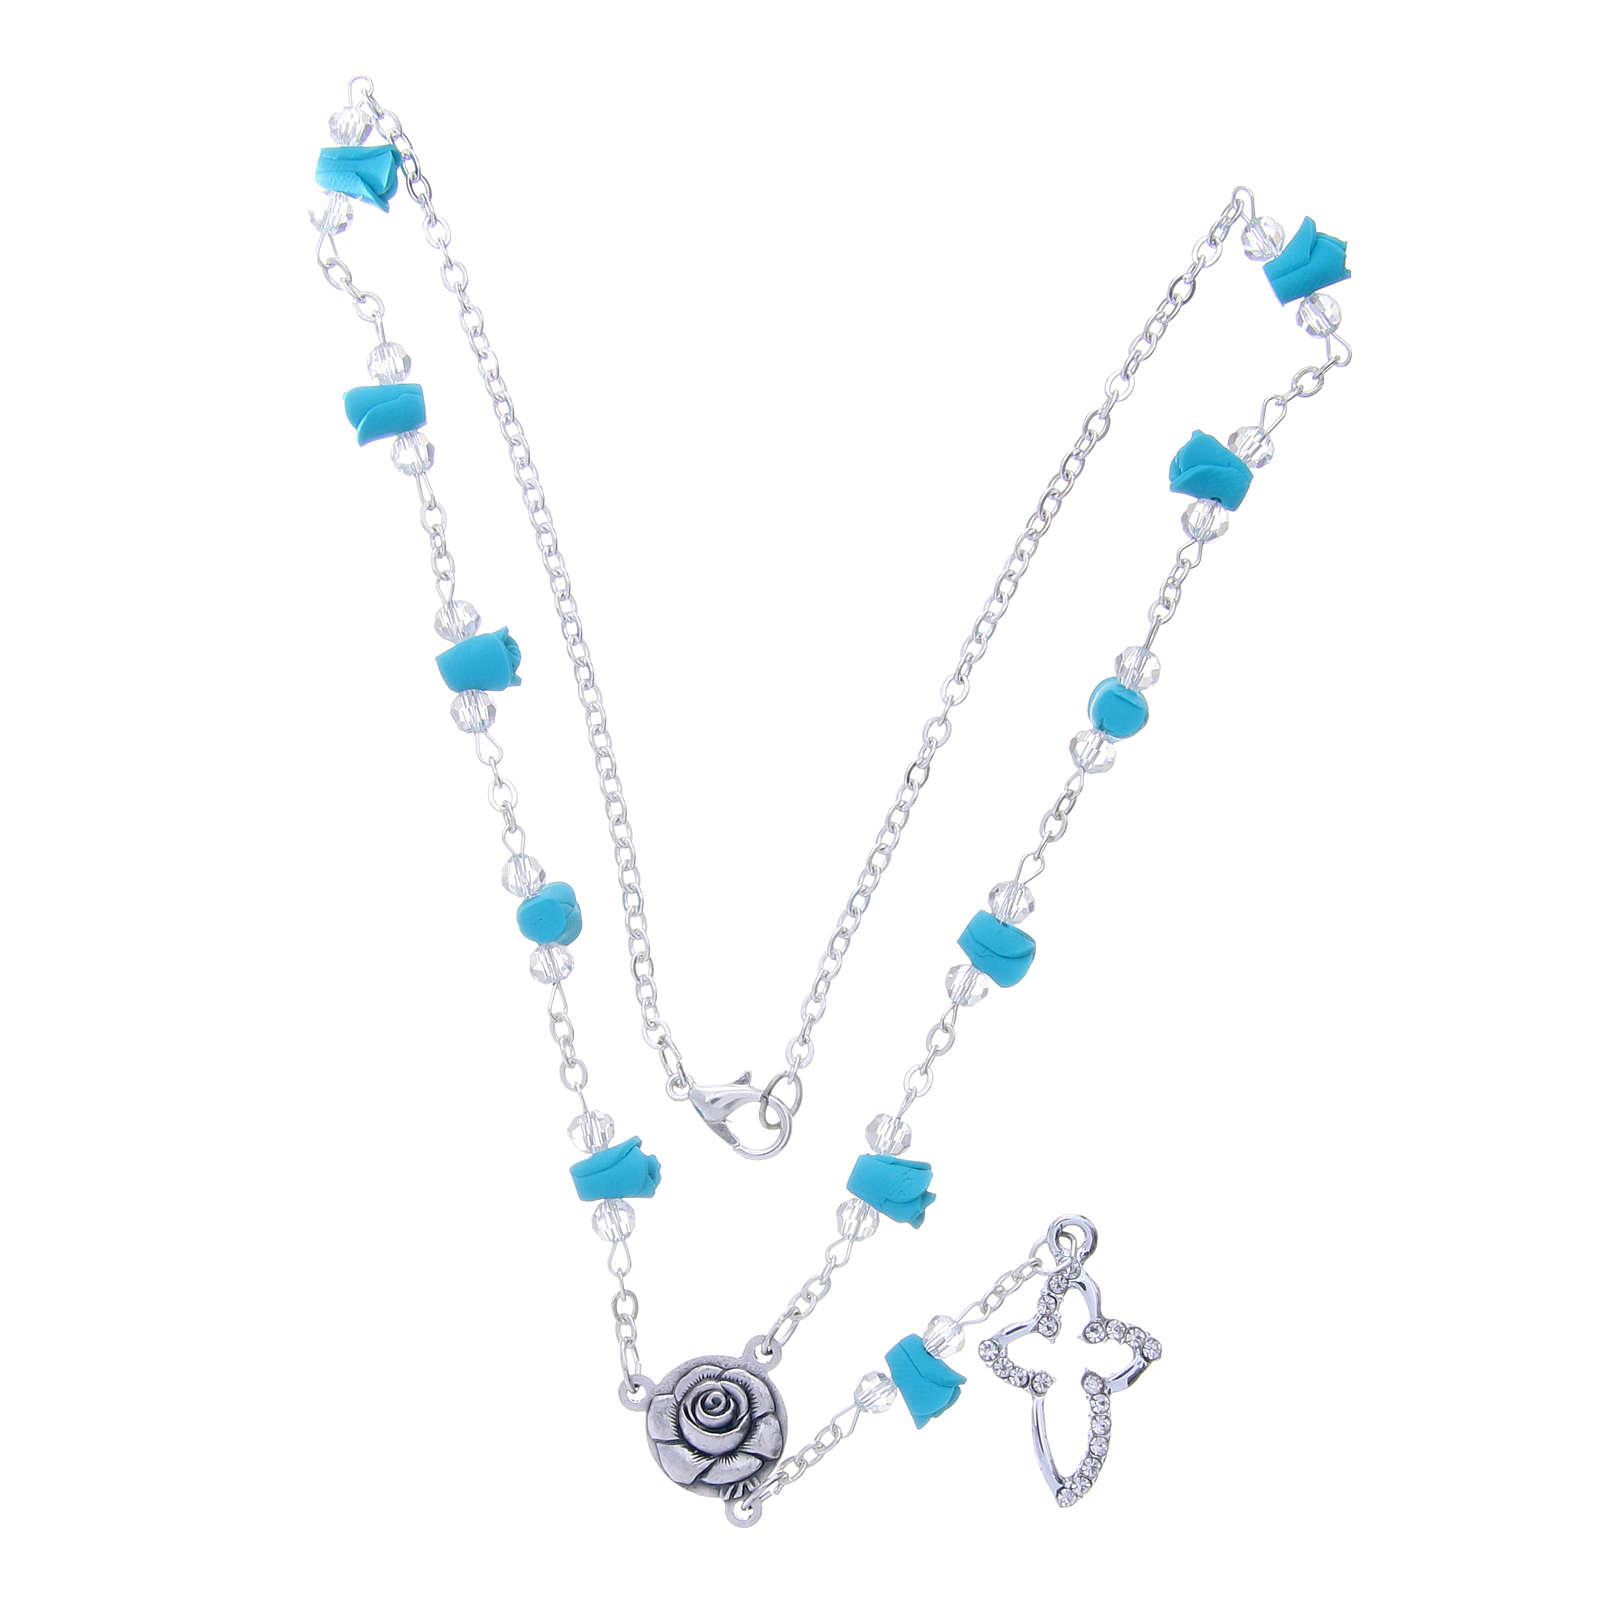 Collier chapelet Medjugorje roses turquoises céramique grains cristaux 4